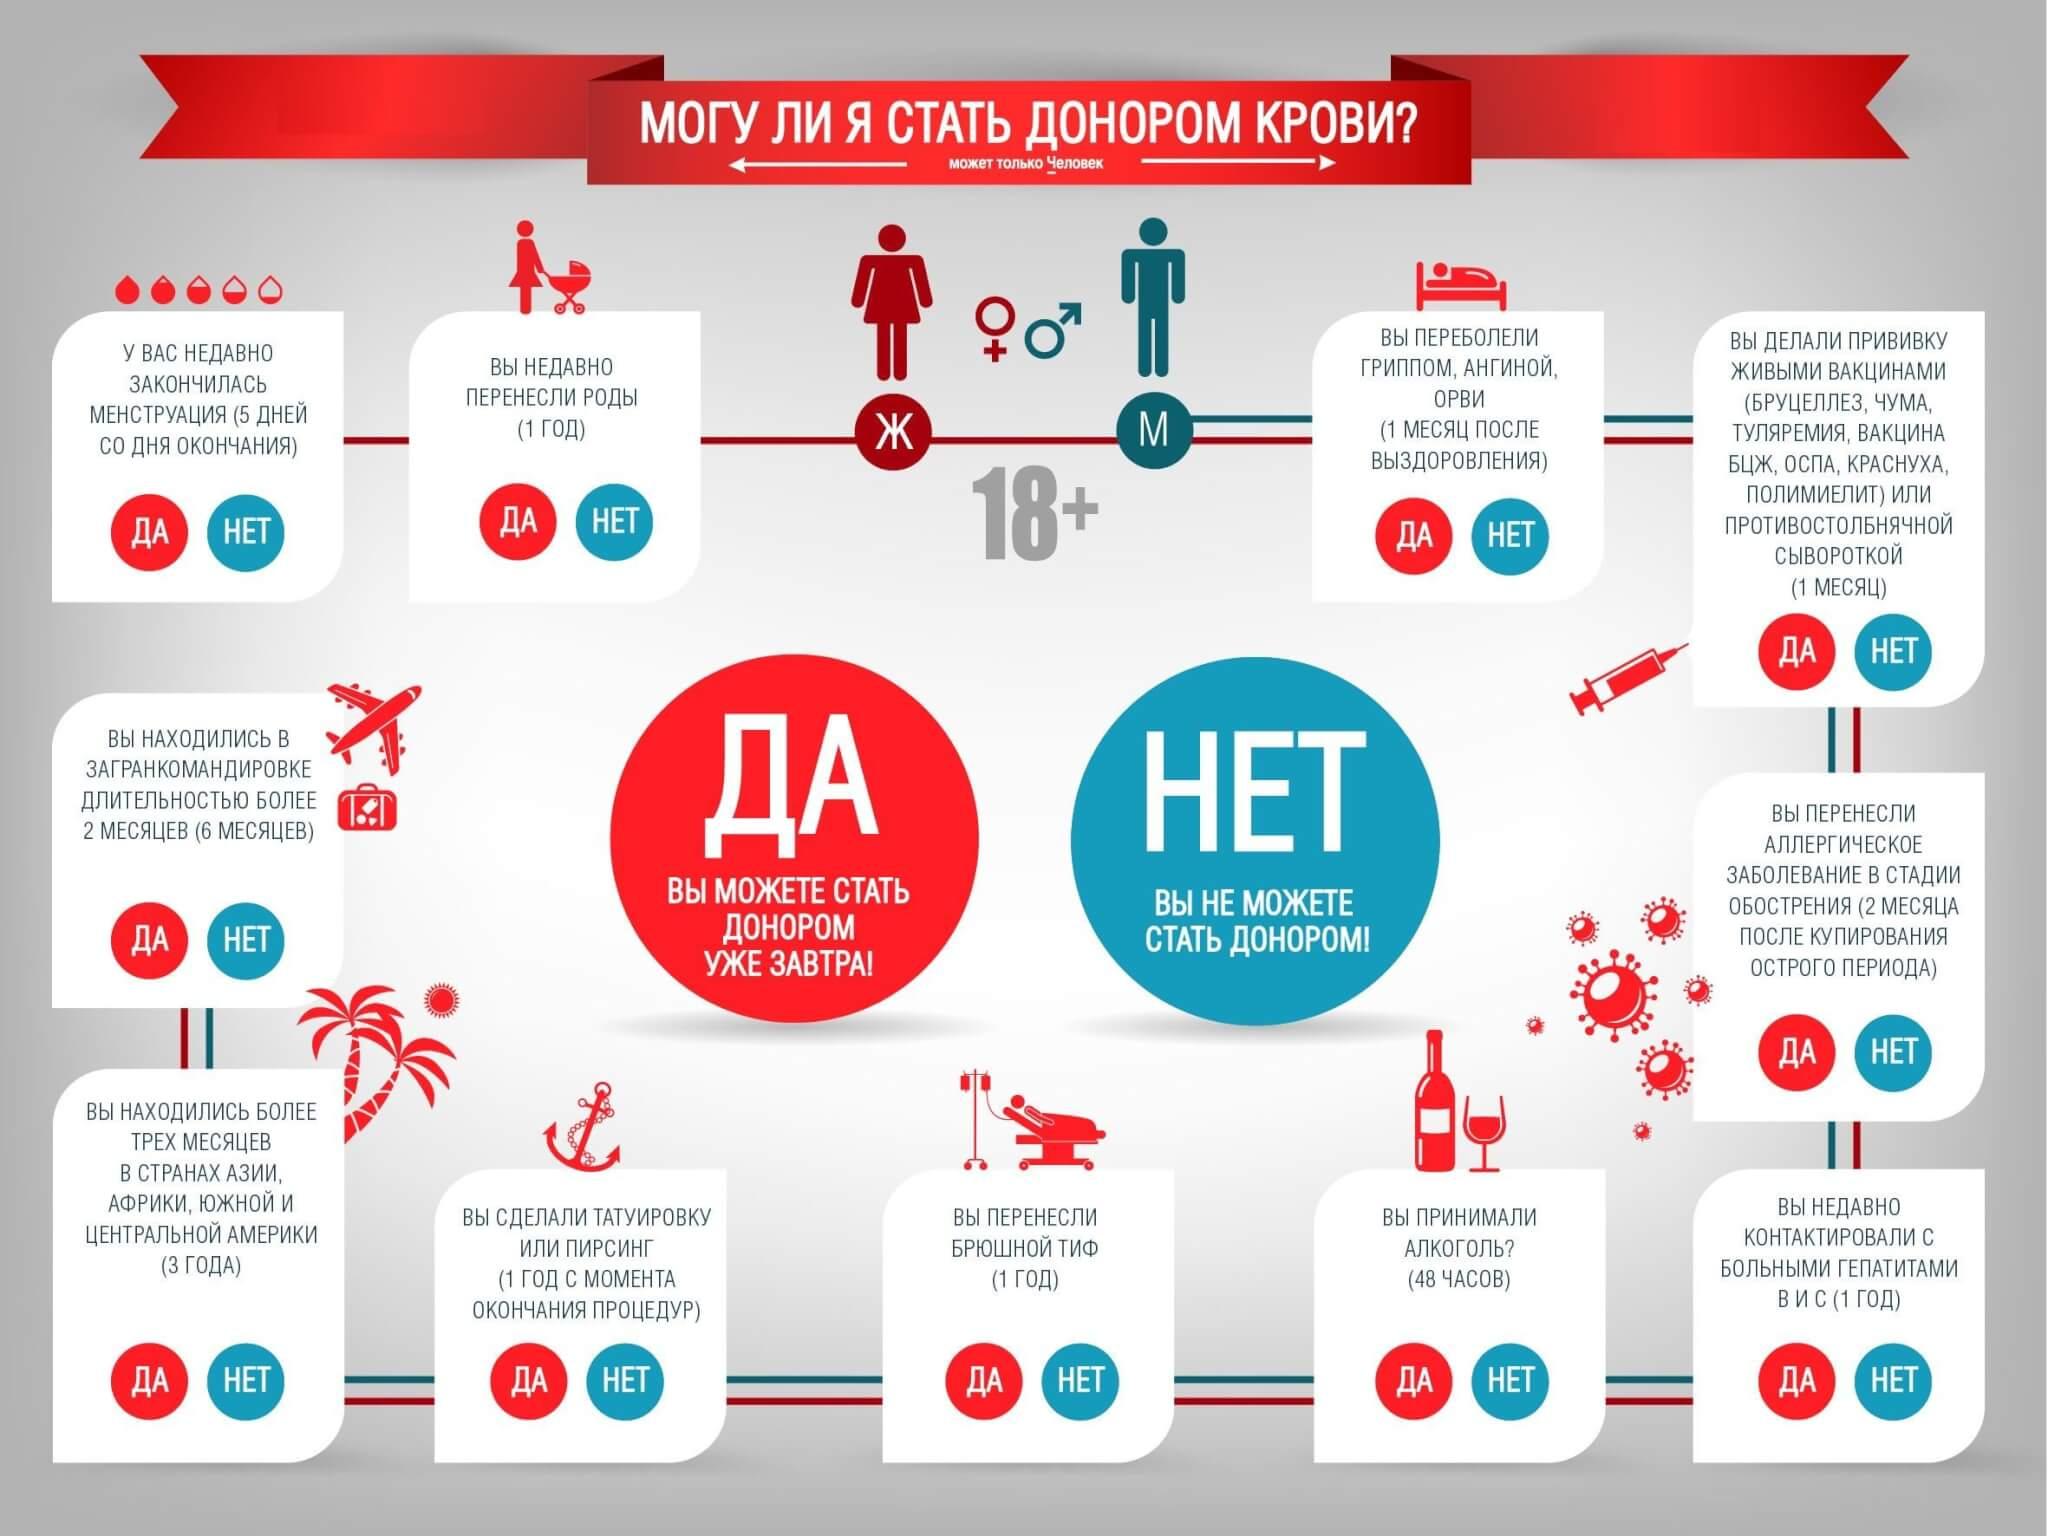 Правила для мужчин и женщин перед донорством